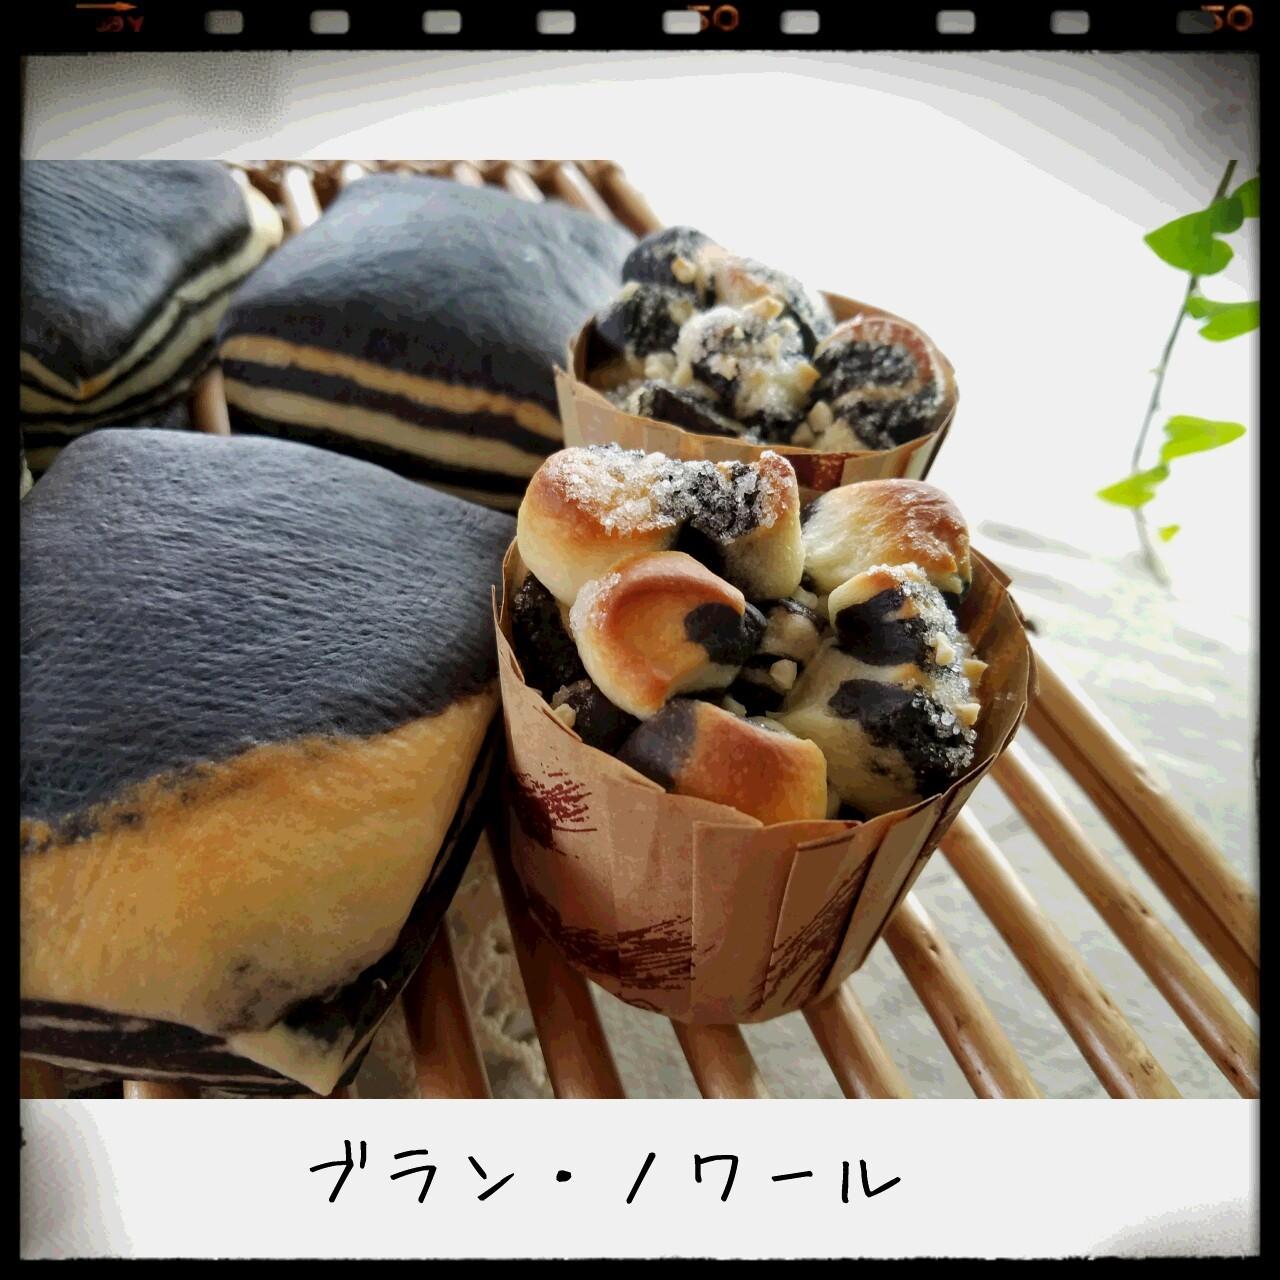 パンも着飾ると美しくなる。_a0105740_16170312.jpg